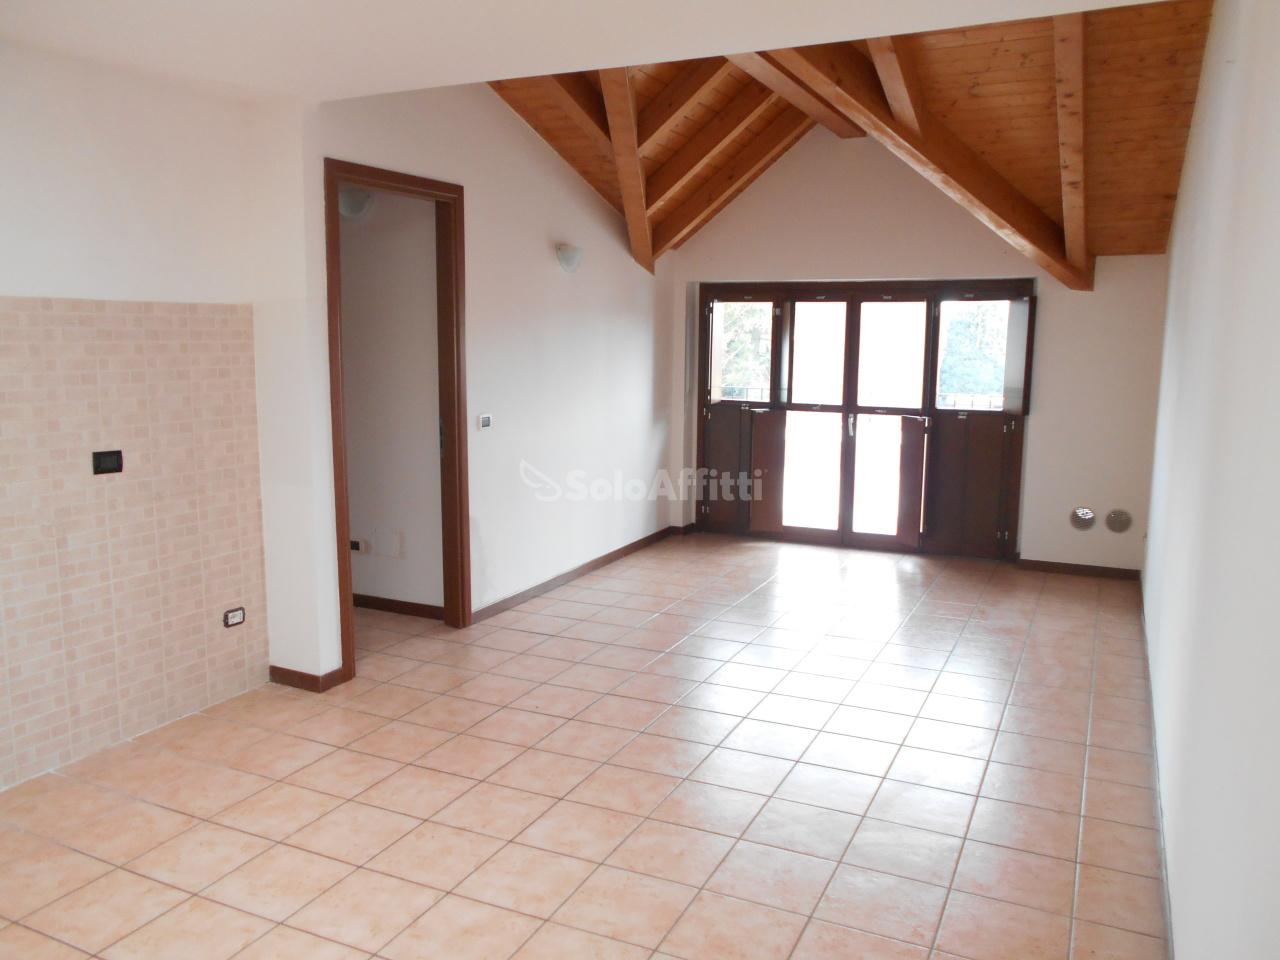 Appartamento in affitto a Cadorago, 2 locali, prezzo € 500 | PortaleAgenzieImmobiliari.it